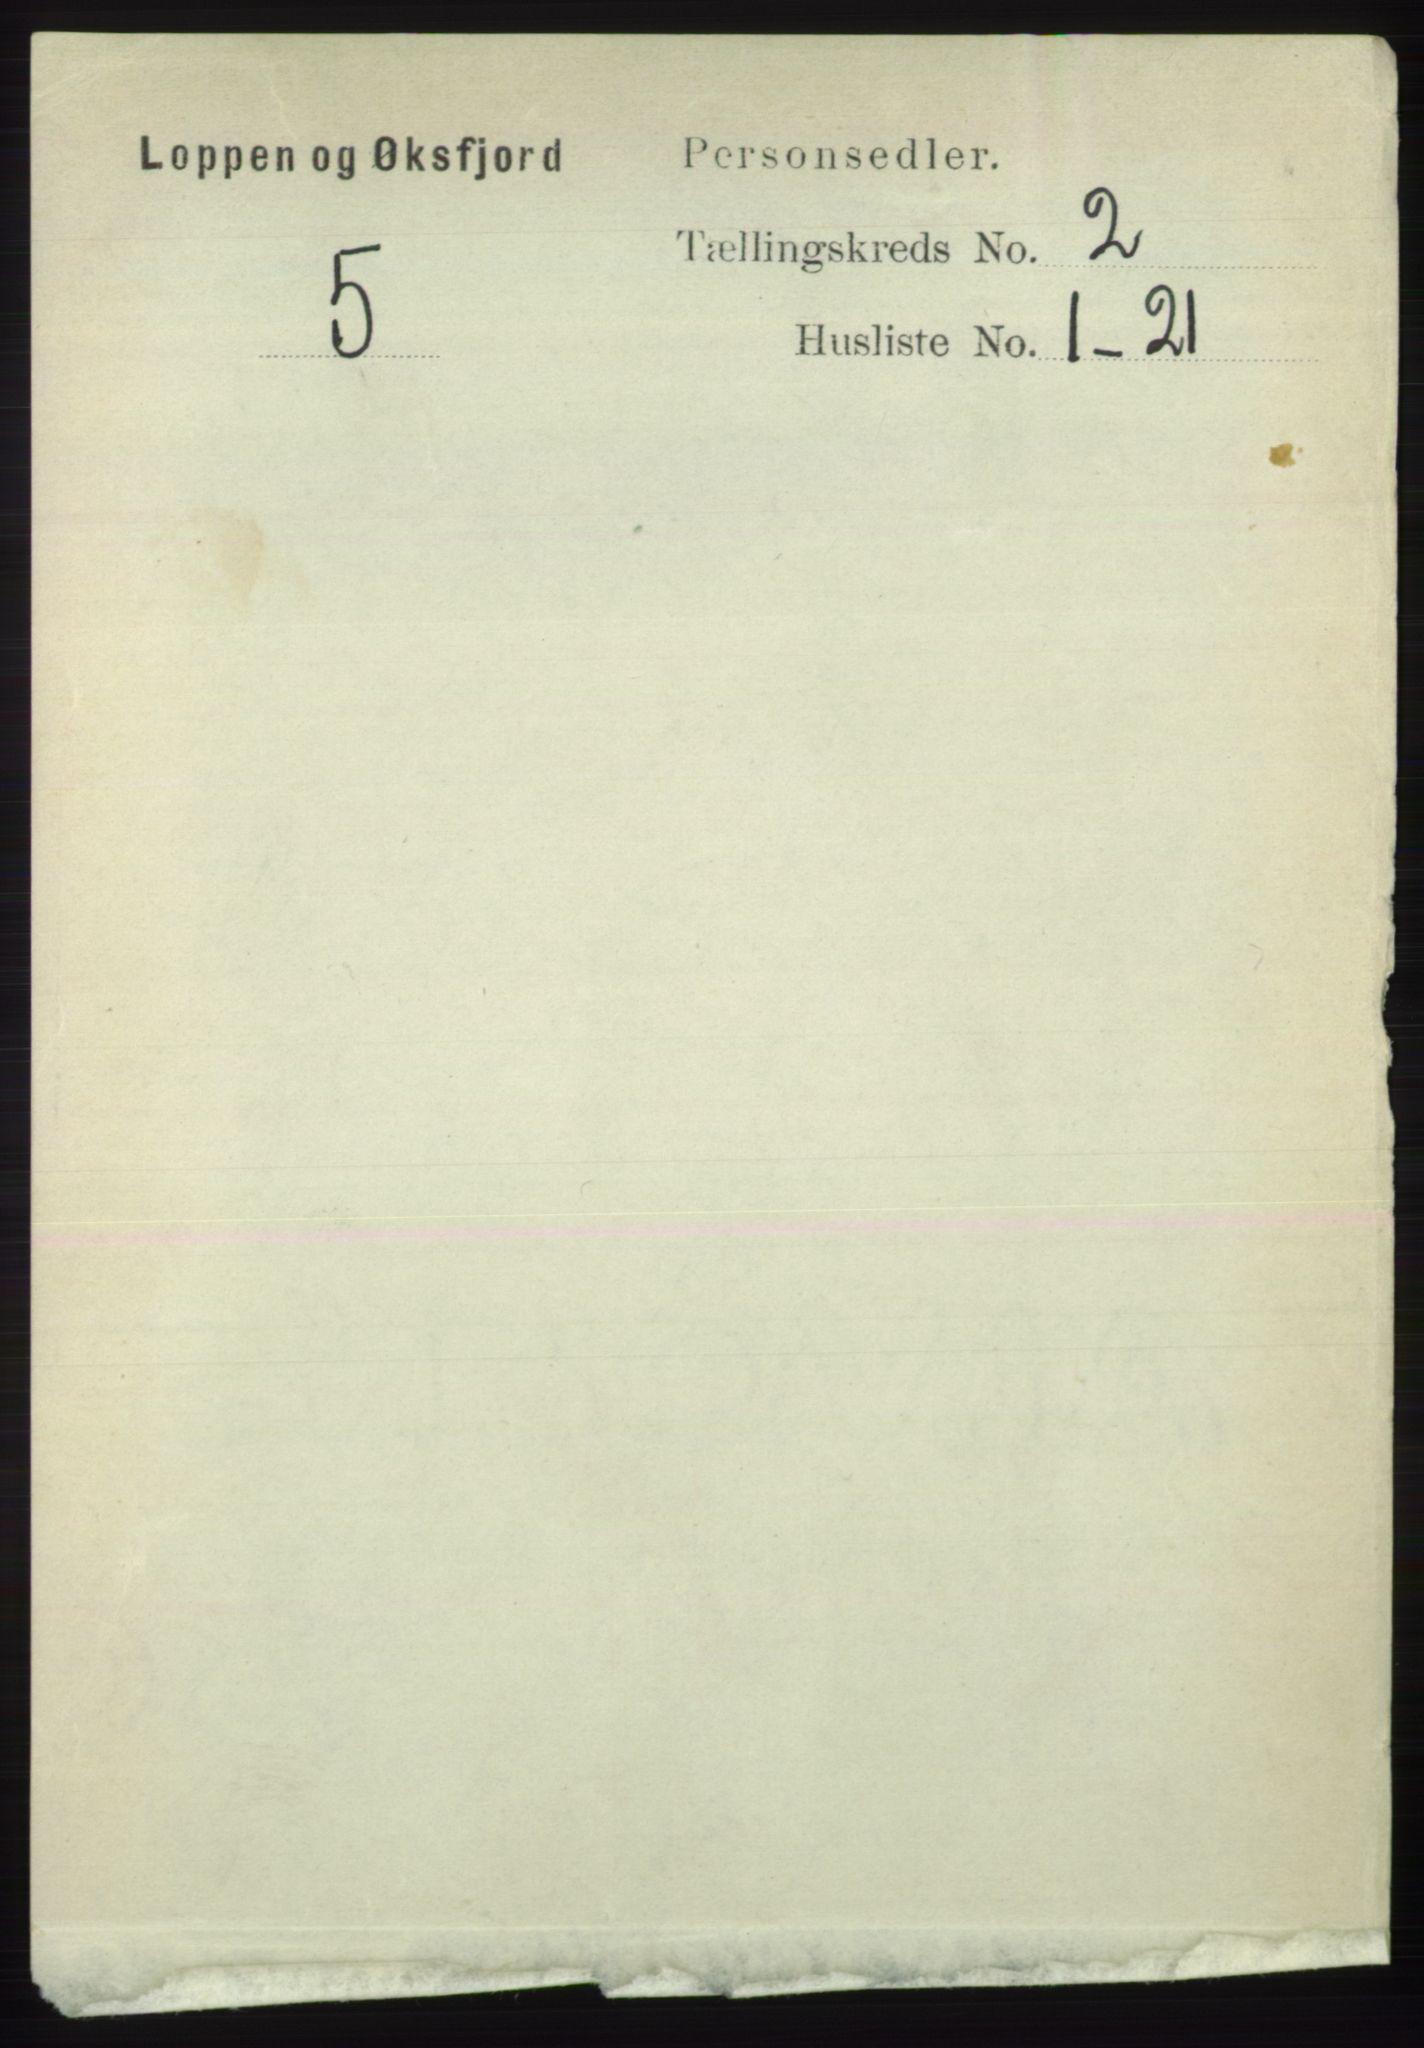 RA, Folketelling 1891 for 2014 Loppa herred, 1891, s. 370